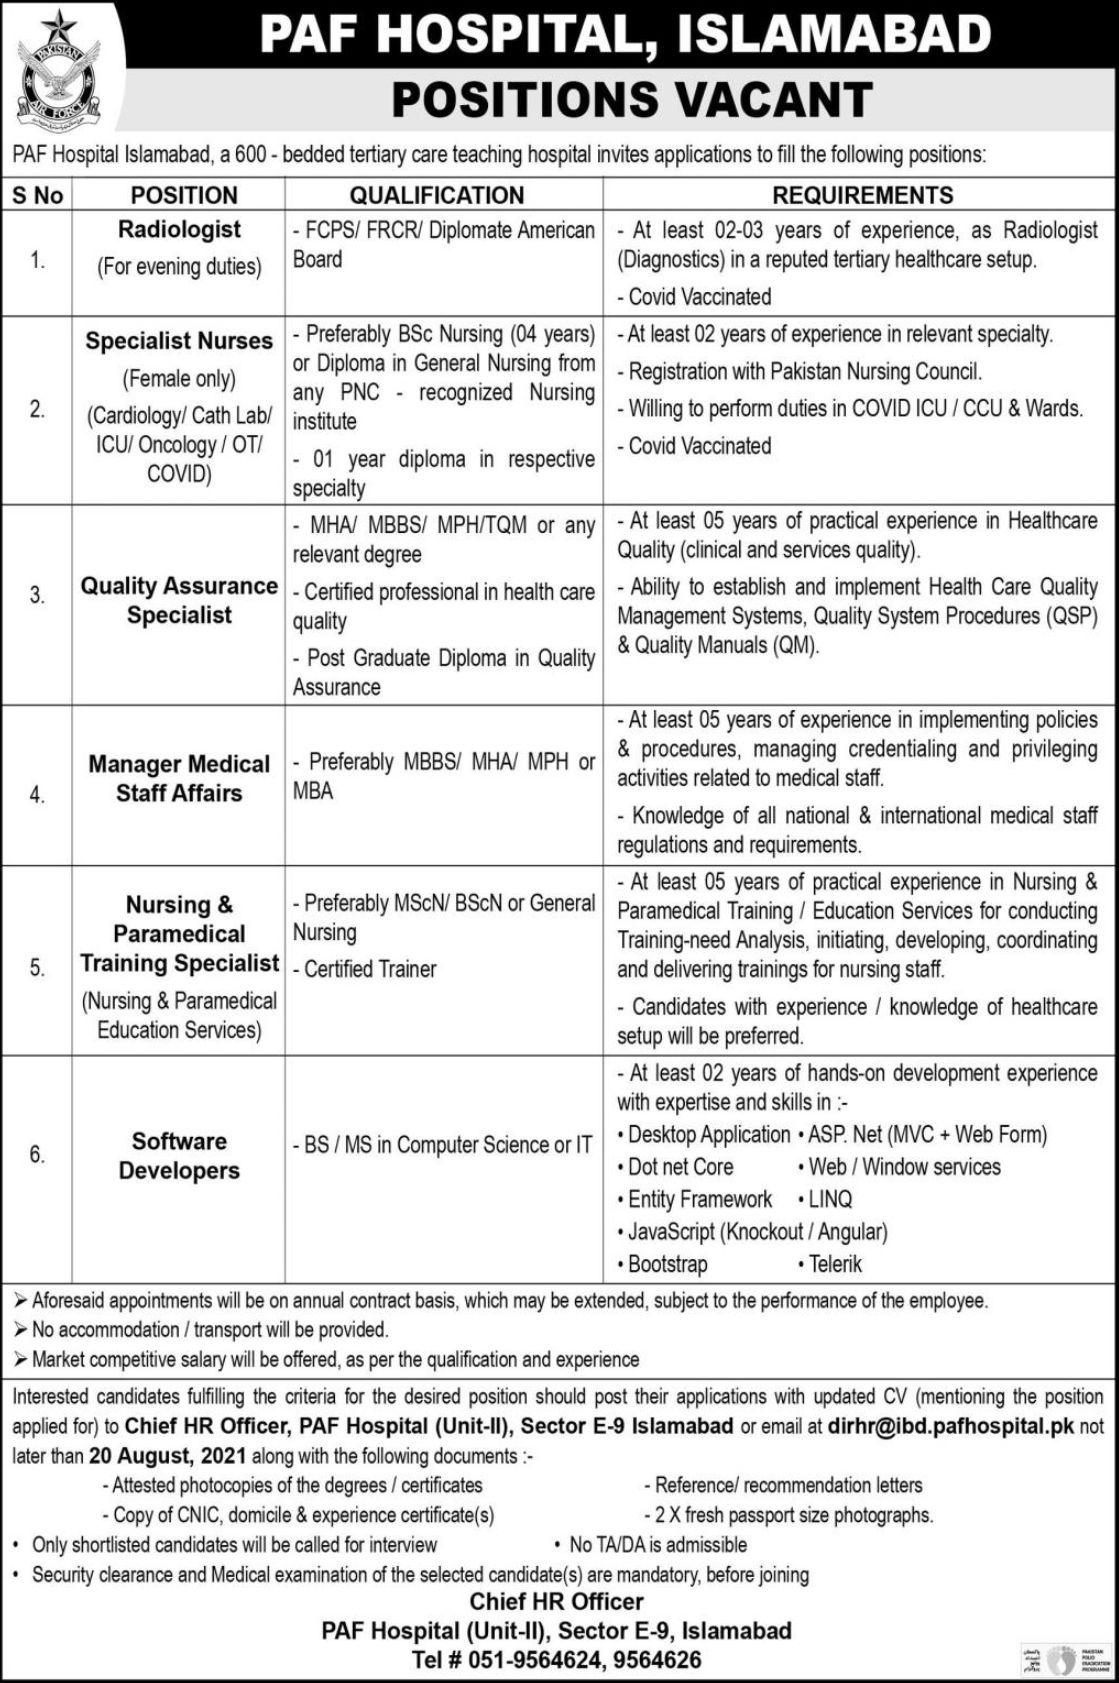 PAF Hospital Islamabad Vacancies 2021 2